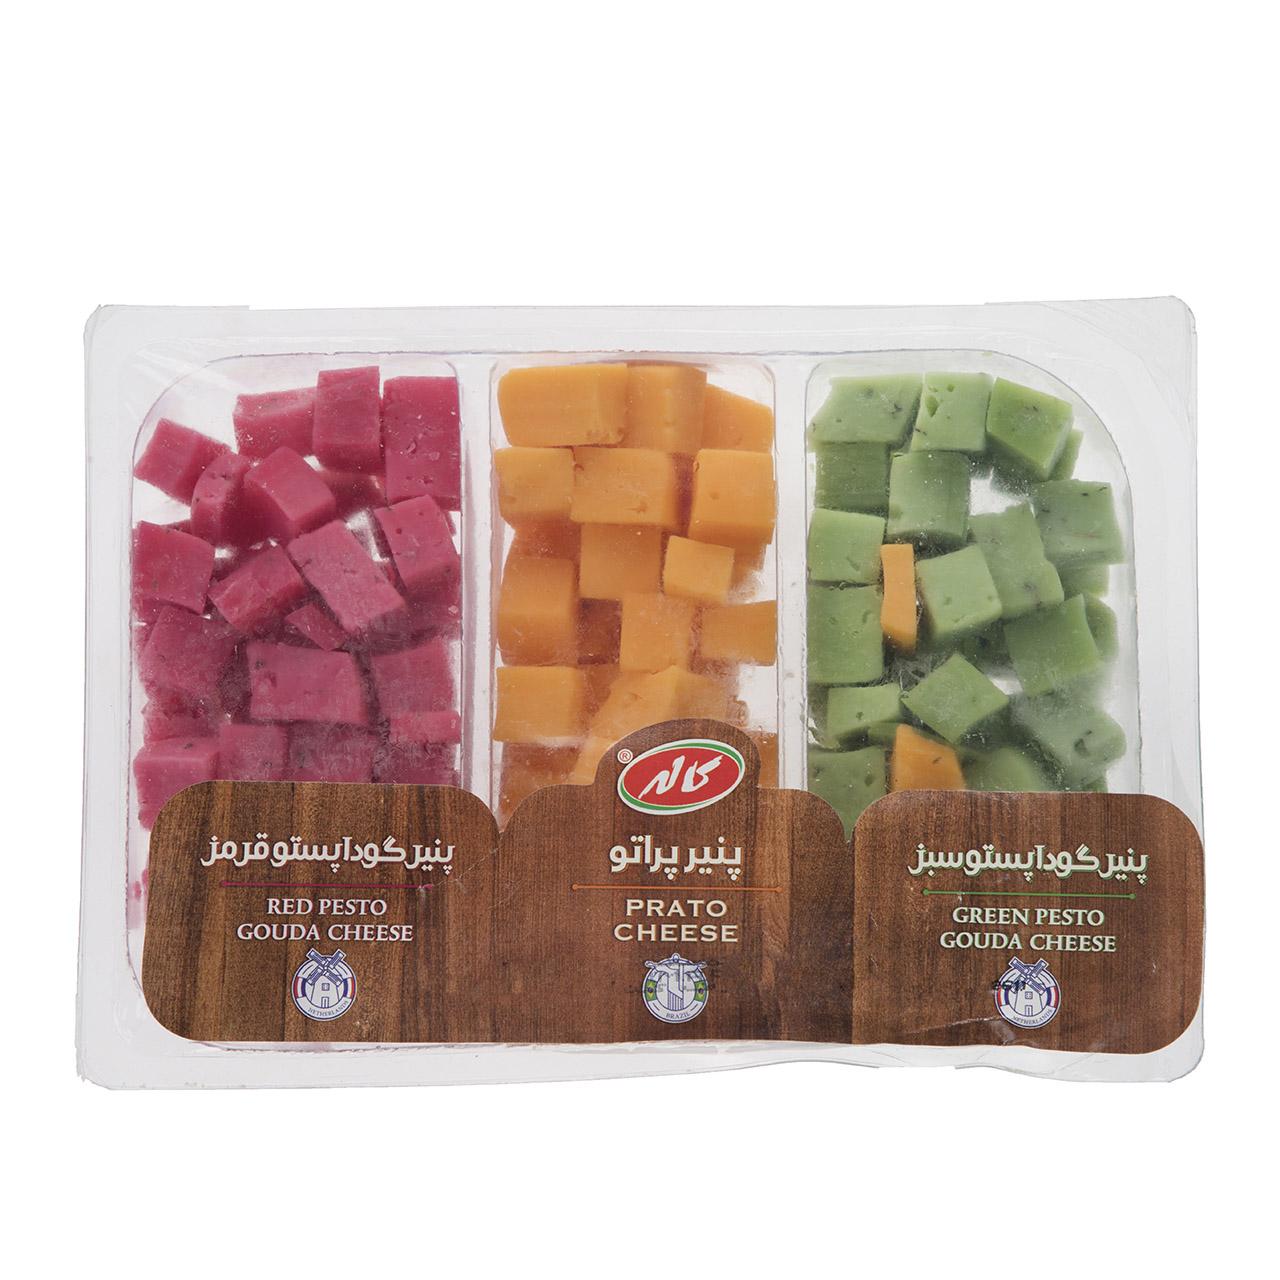 پنیر گودا پستو سبز / قرمز / پراتو کاله مقدار 300 گرم